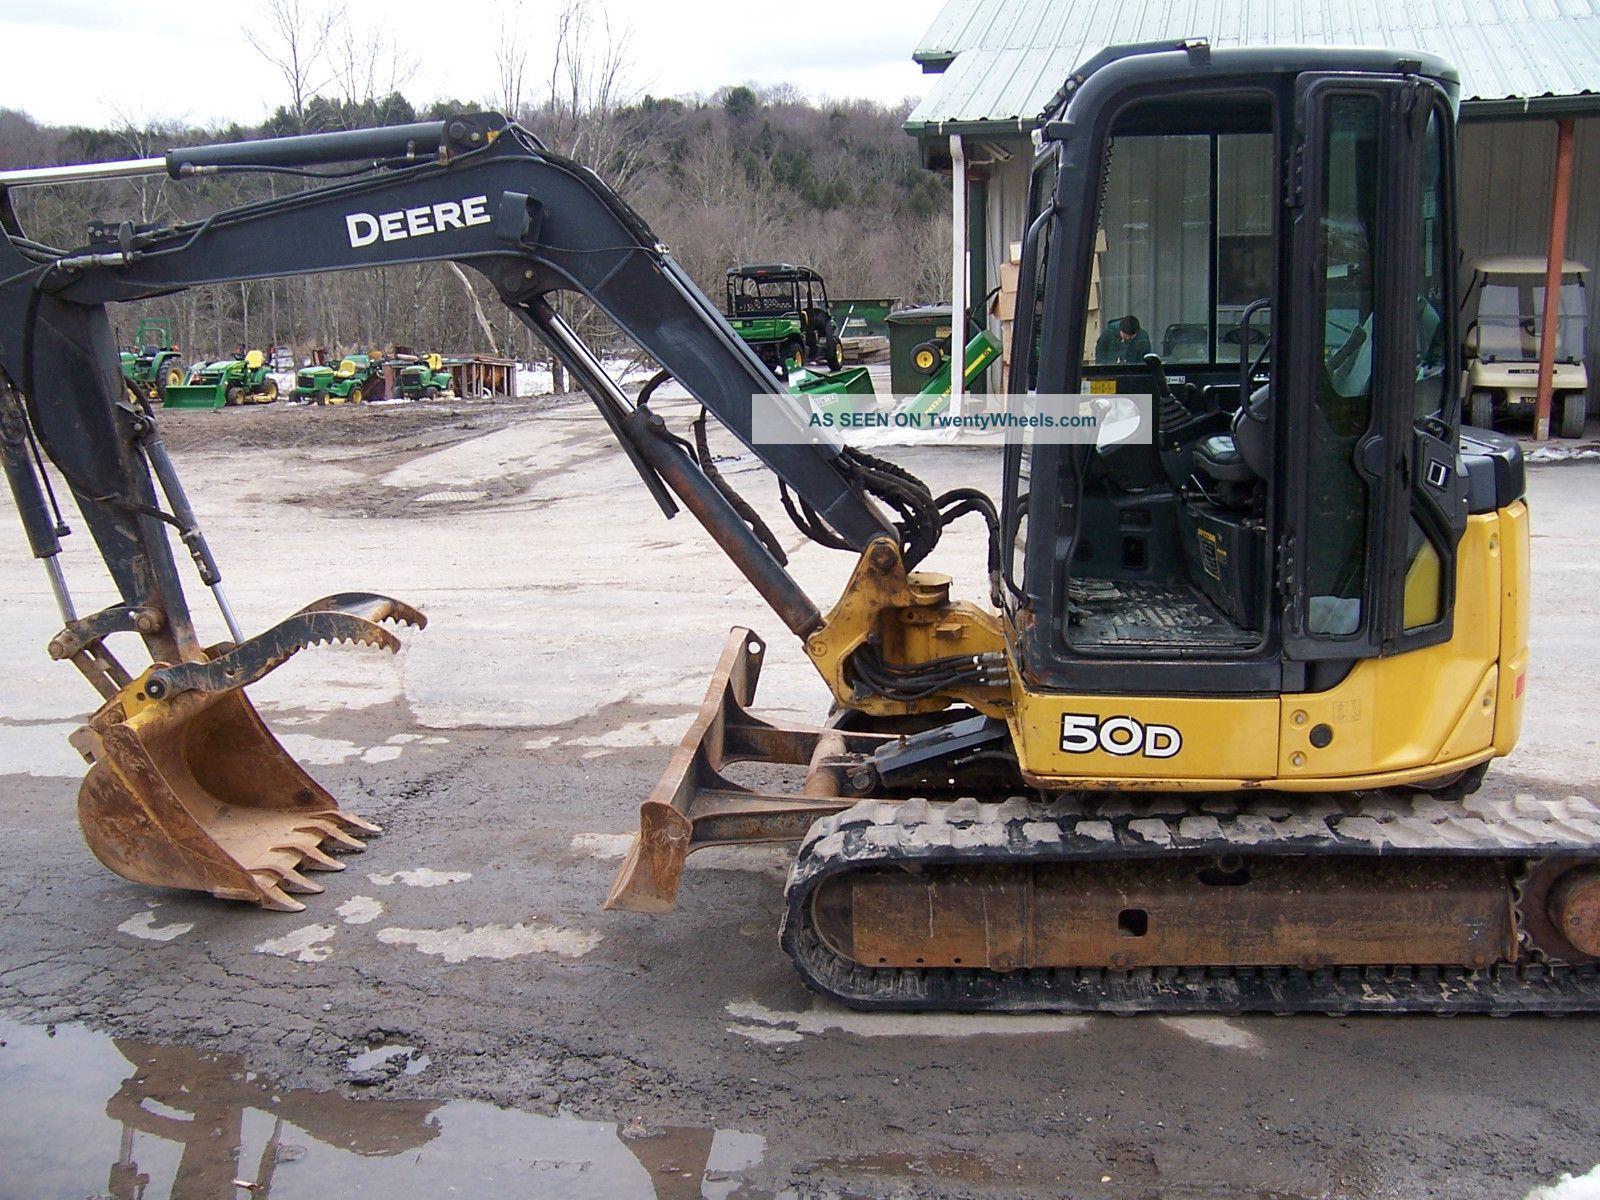 John Deere 245 Excavator Specs : John deere d excavator bing images